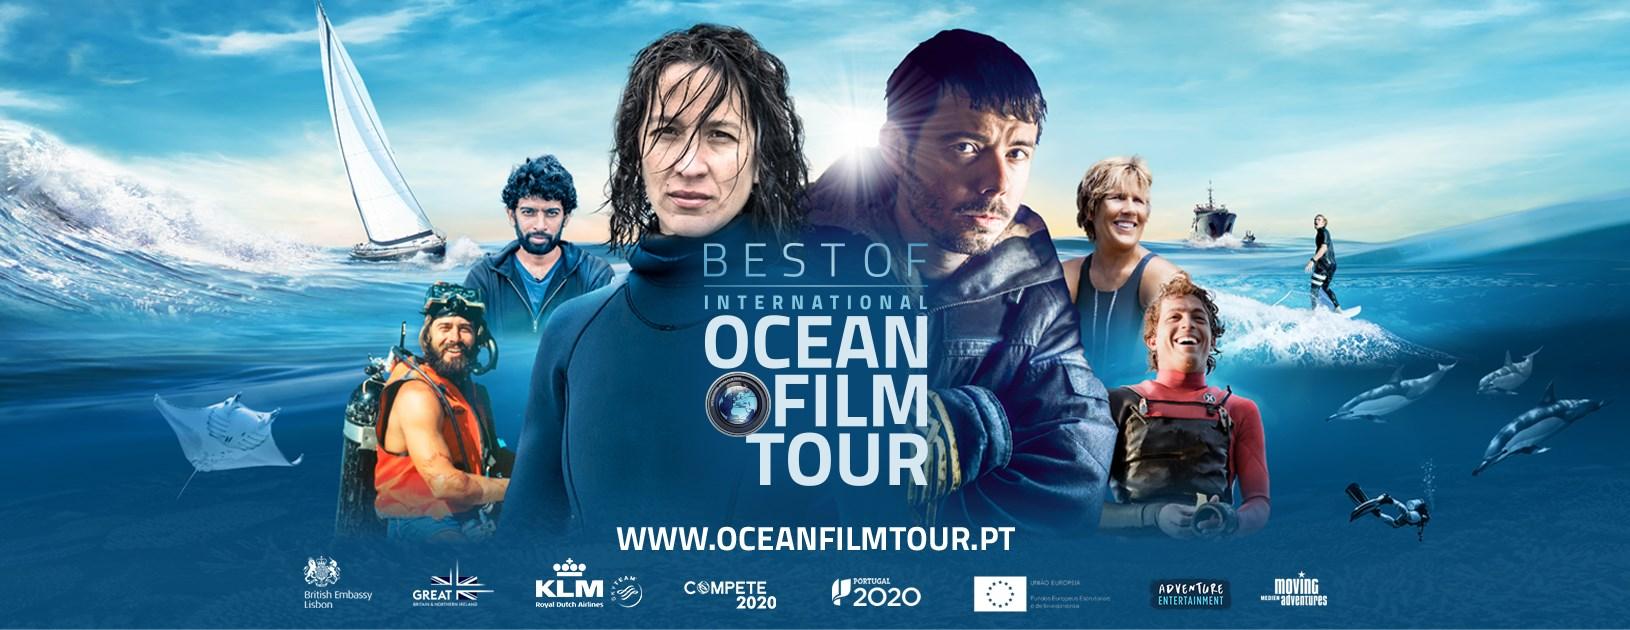 International Ocean Film Tour Best of - Ericeira